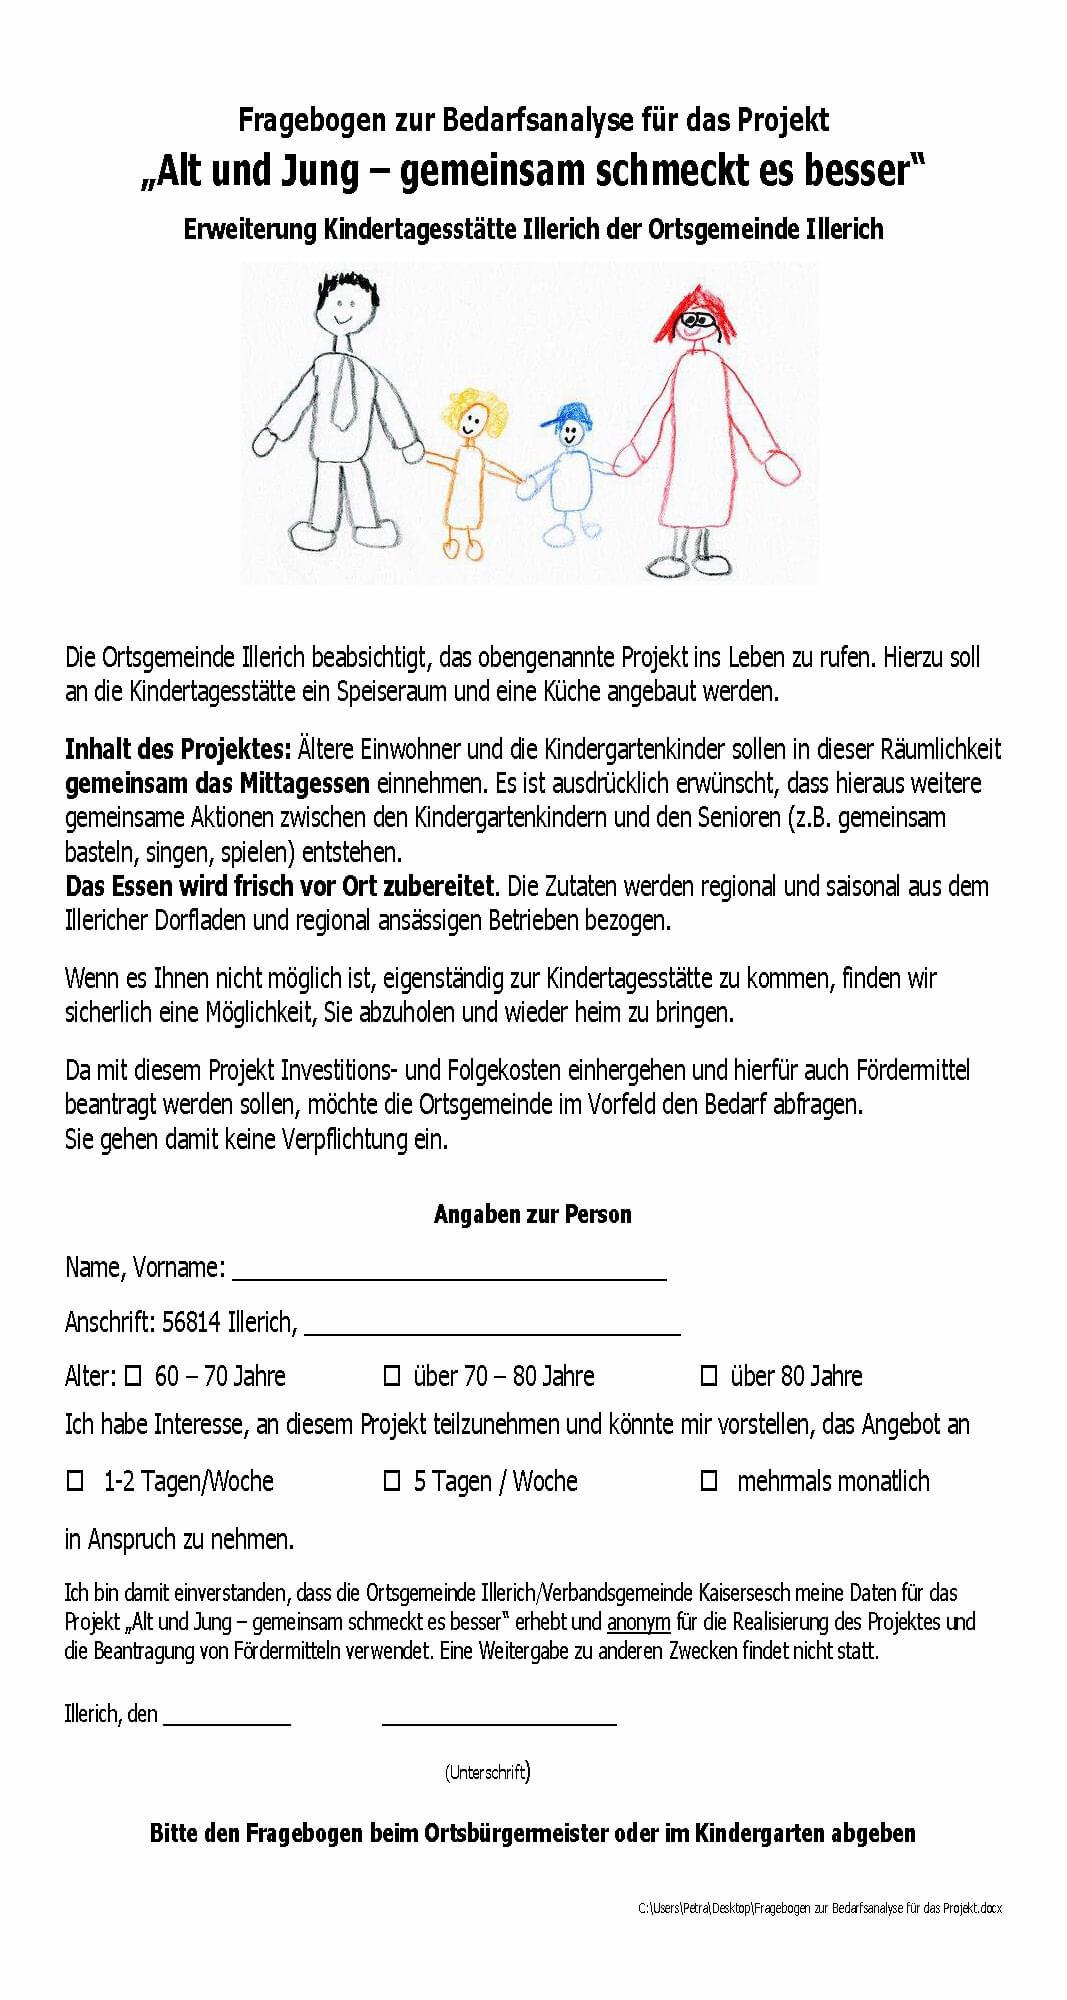 fragebogen-zur-bedarfsanalyse-fr-das-projekt